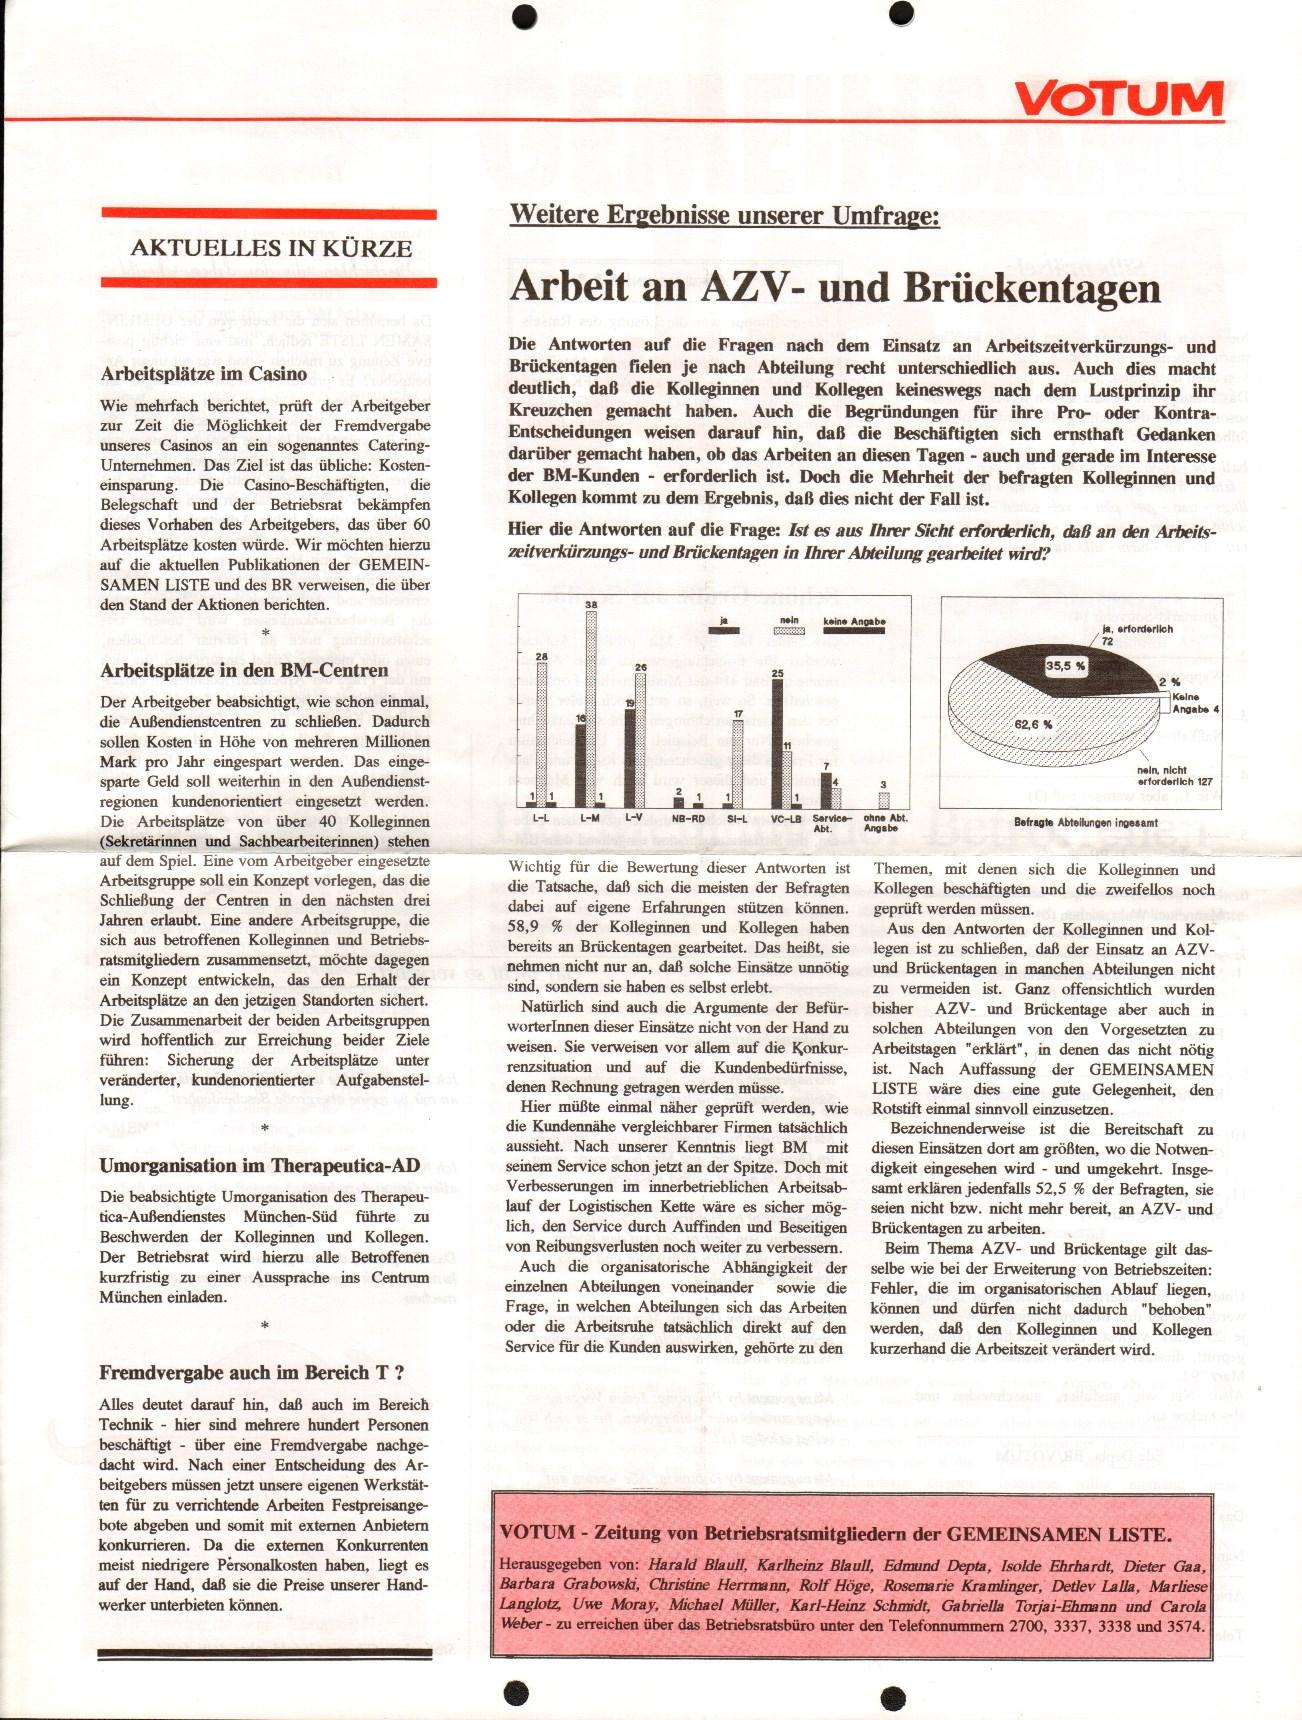 Mannheim_Boehringer_Gemeinsame_Liste_1992_01_03